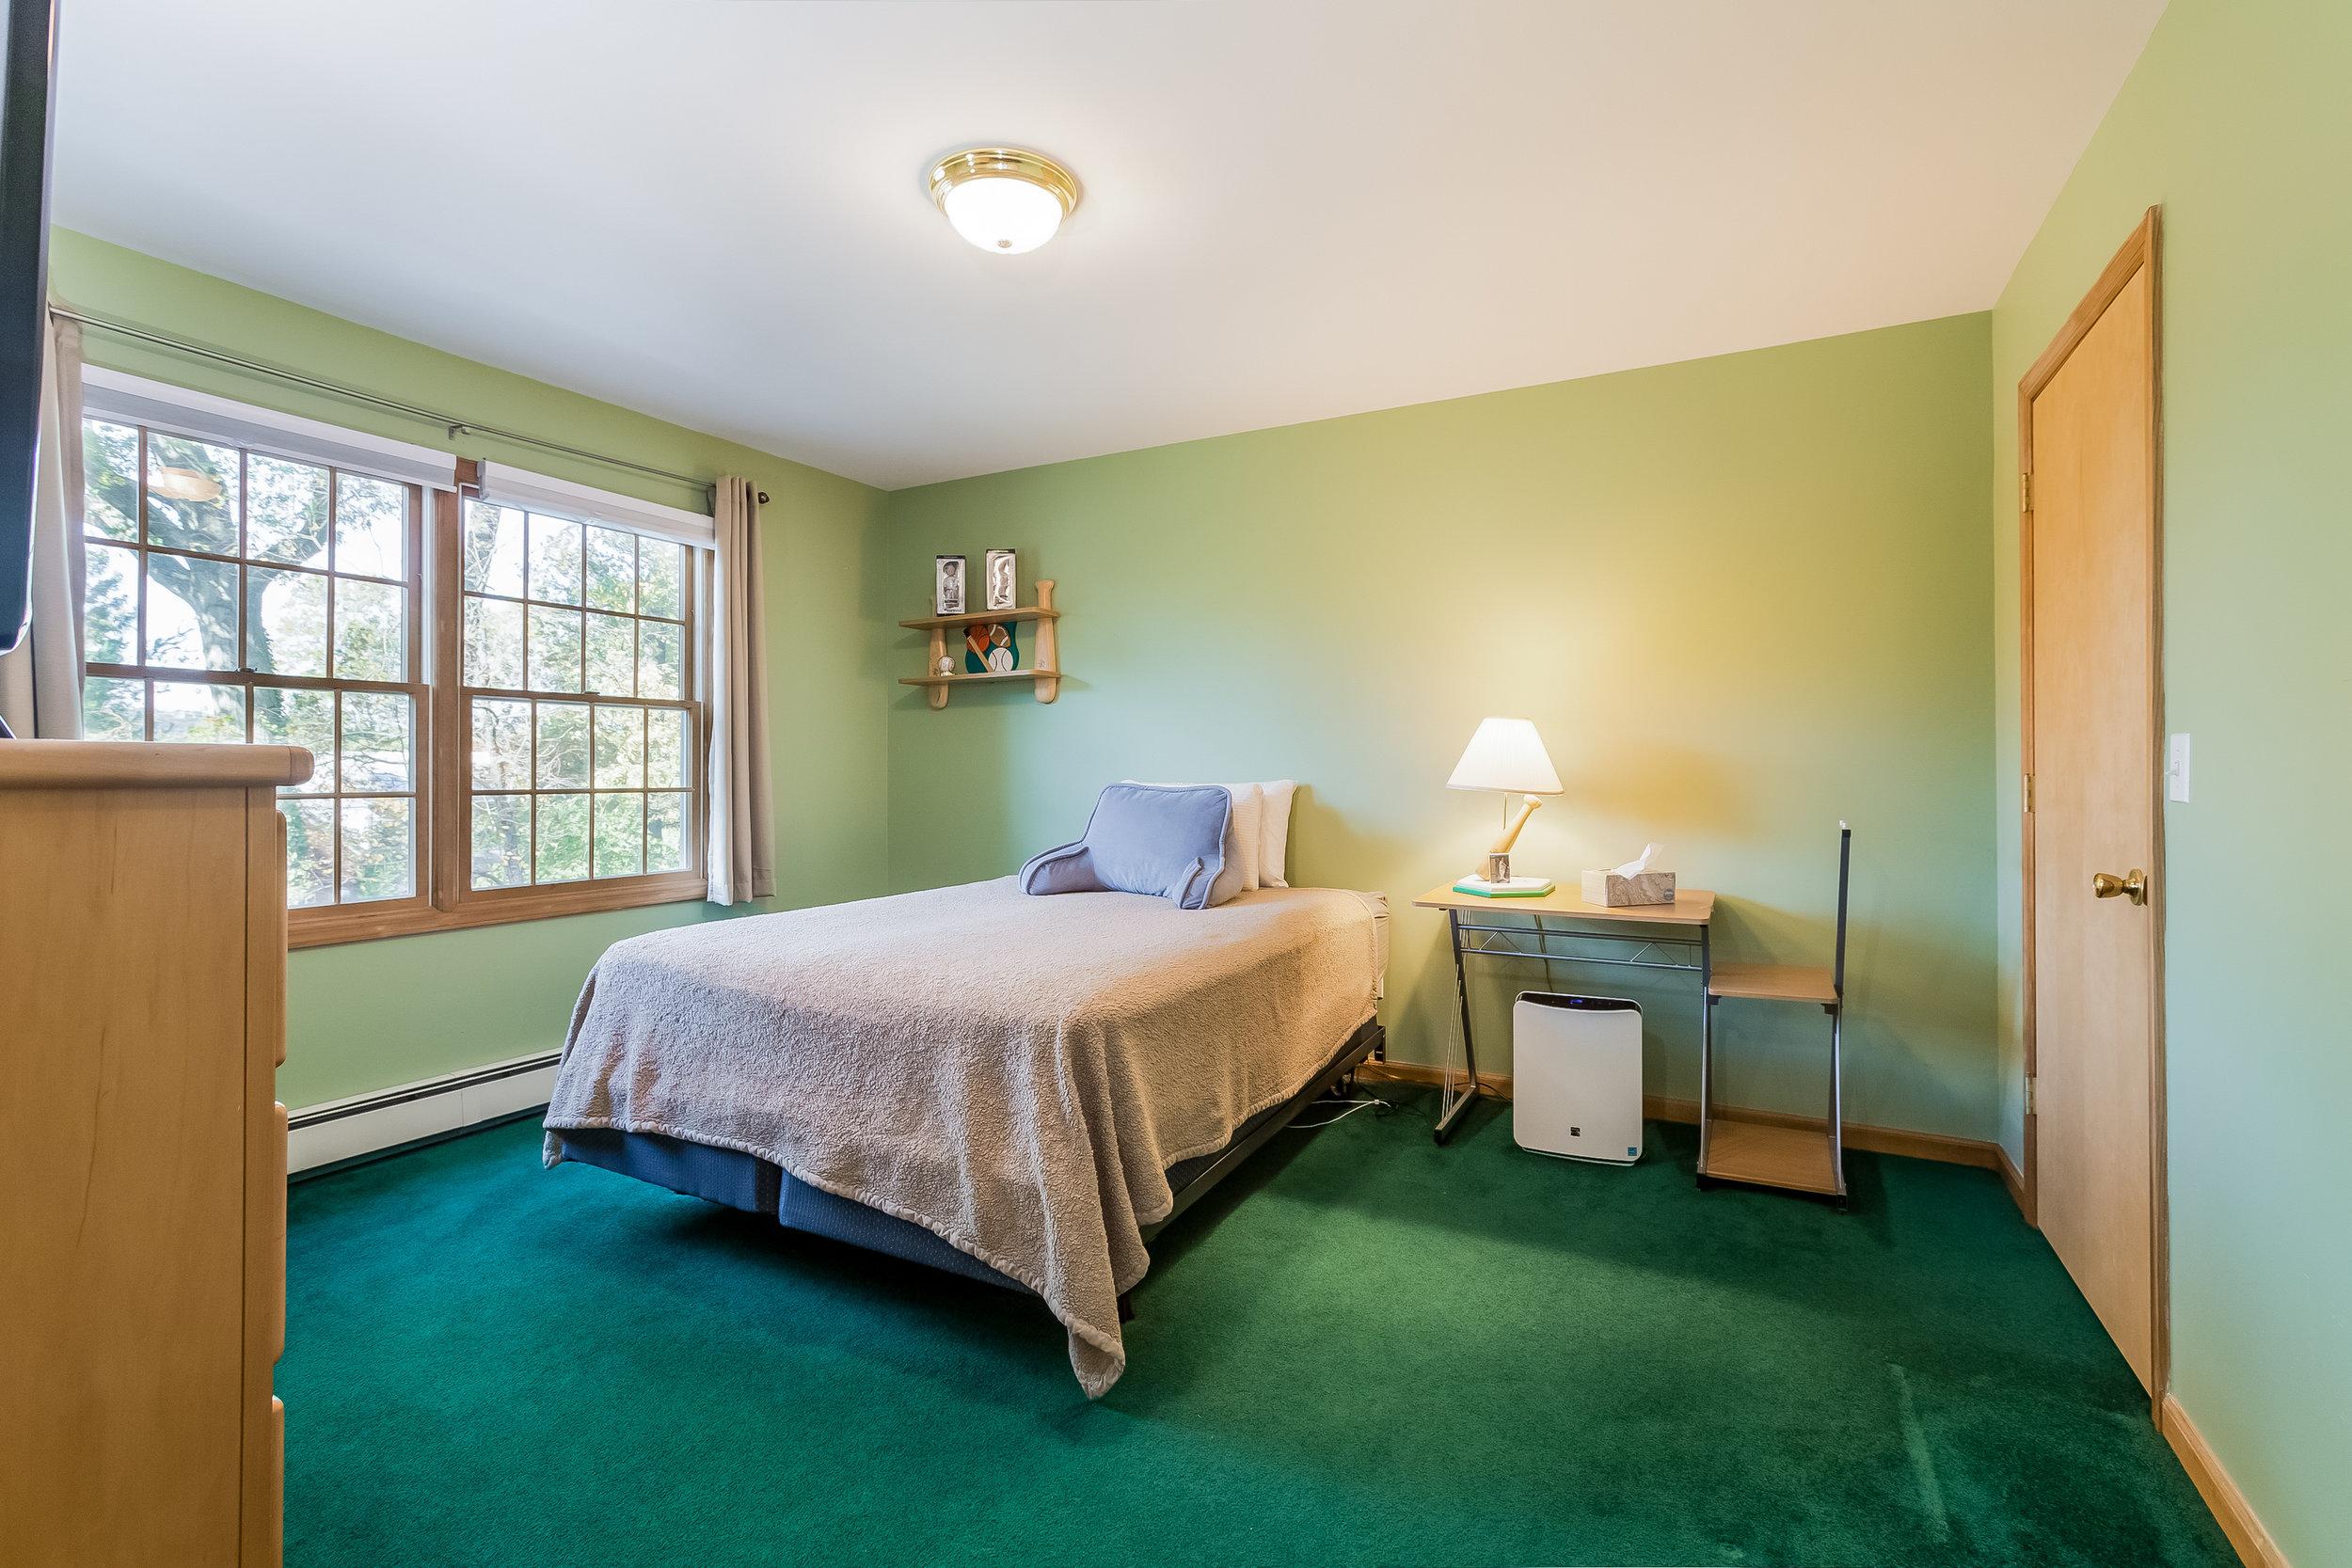 037-Bedroom-5002170-large.jpg